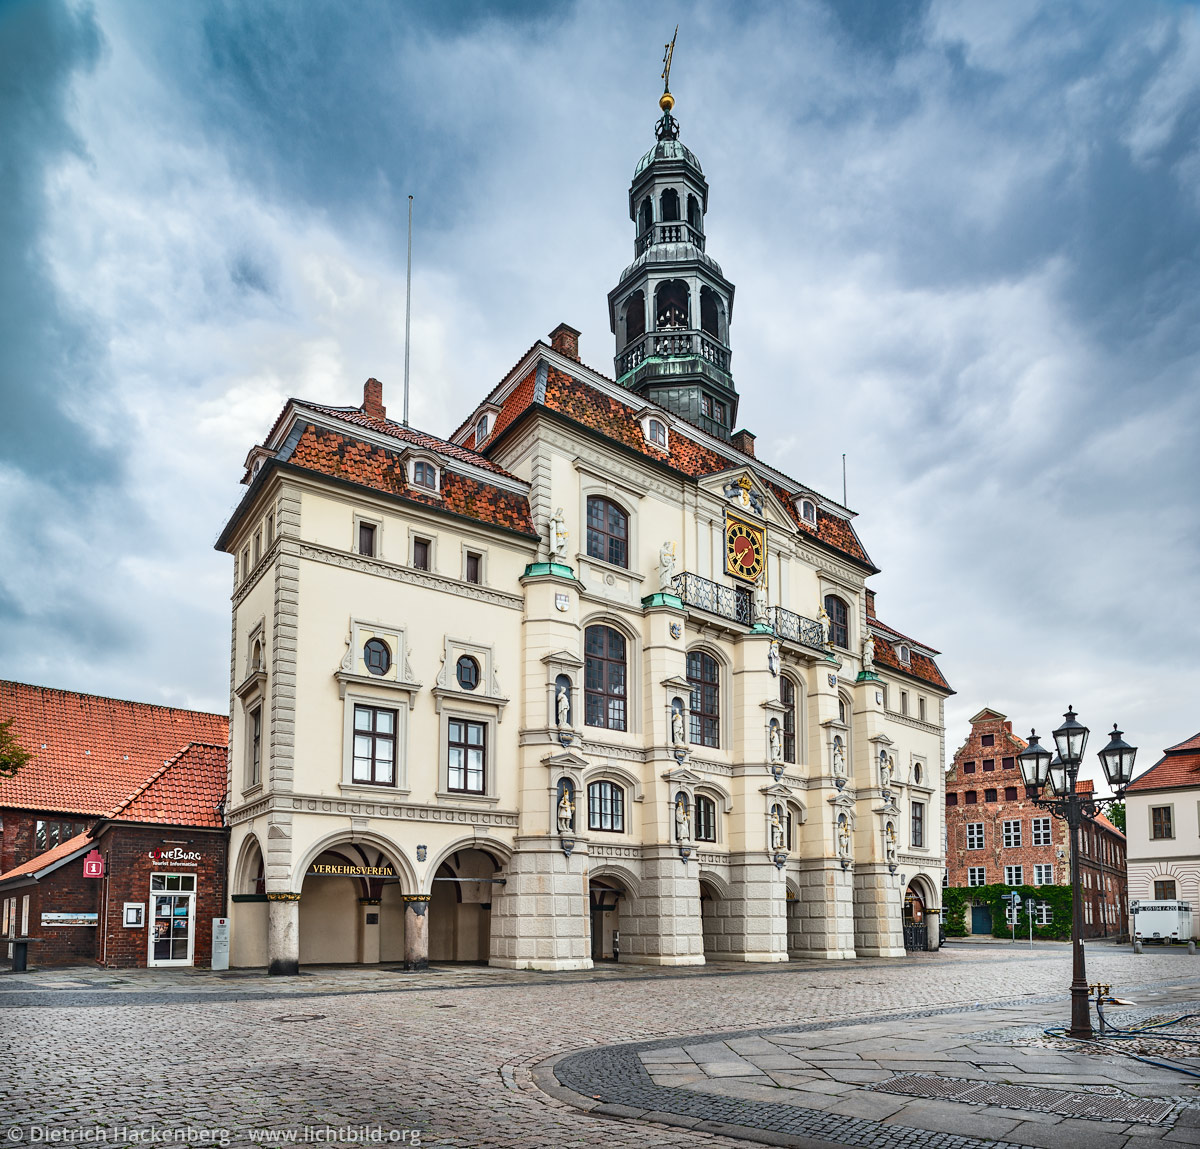 Rathaus Lüneburg - Das Lüneburger Rathaus von 1230 gilt als größtes mittelalterliches Rathaus Norddeutschlands. Foto © Dietrich Hackenberg